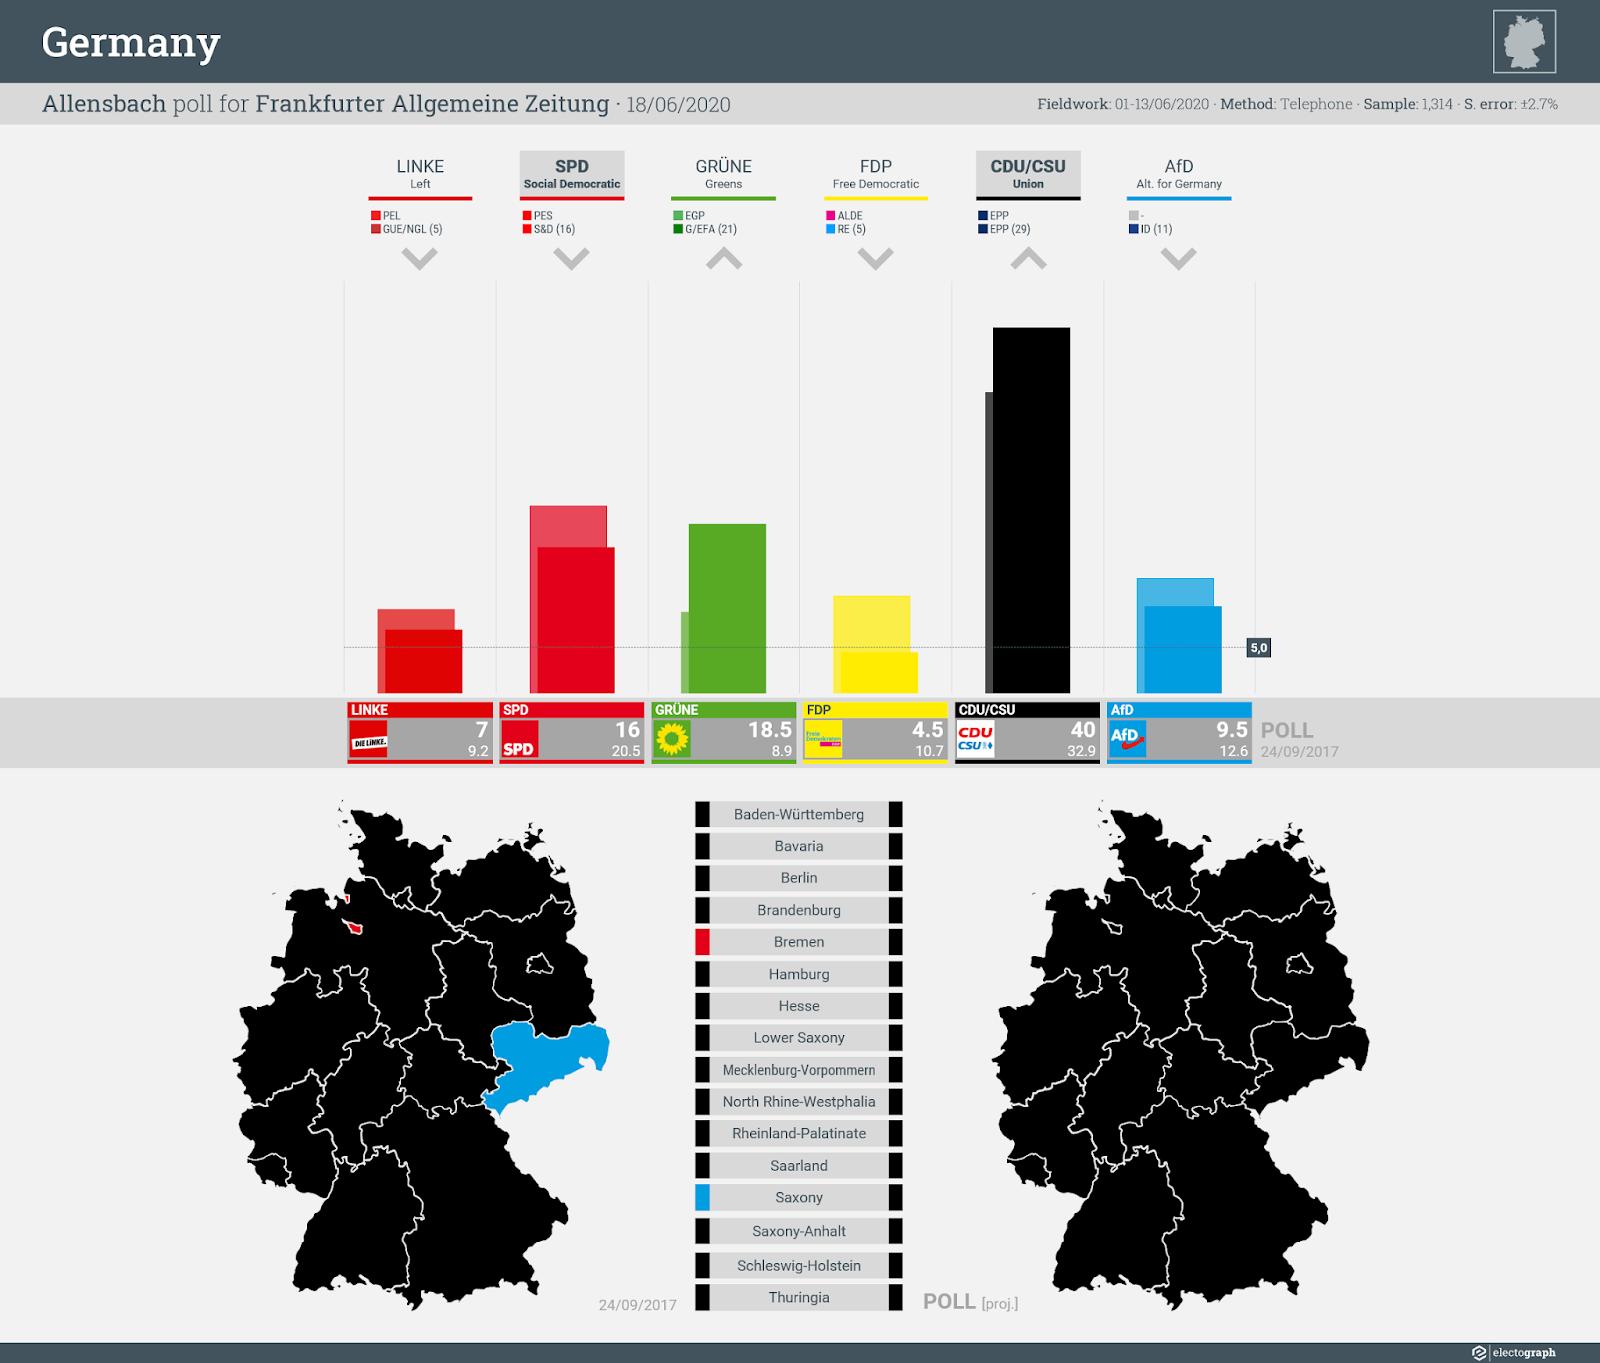 GERMANY: Allensbach poll chart for Frankfurter Allgemeine Zeitung, 18 June 2020